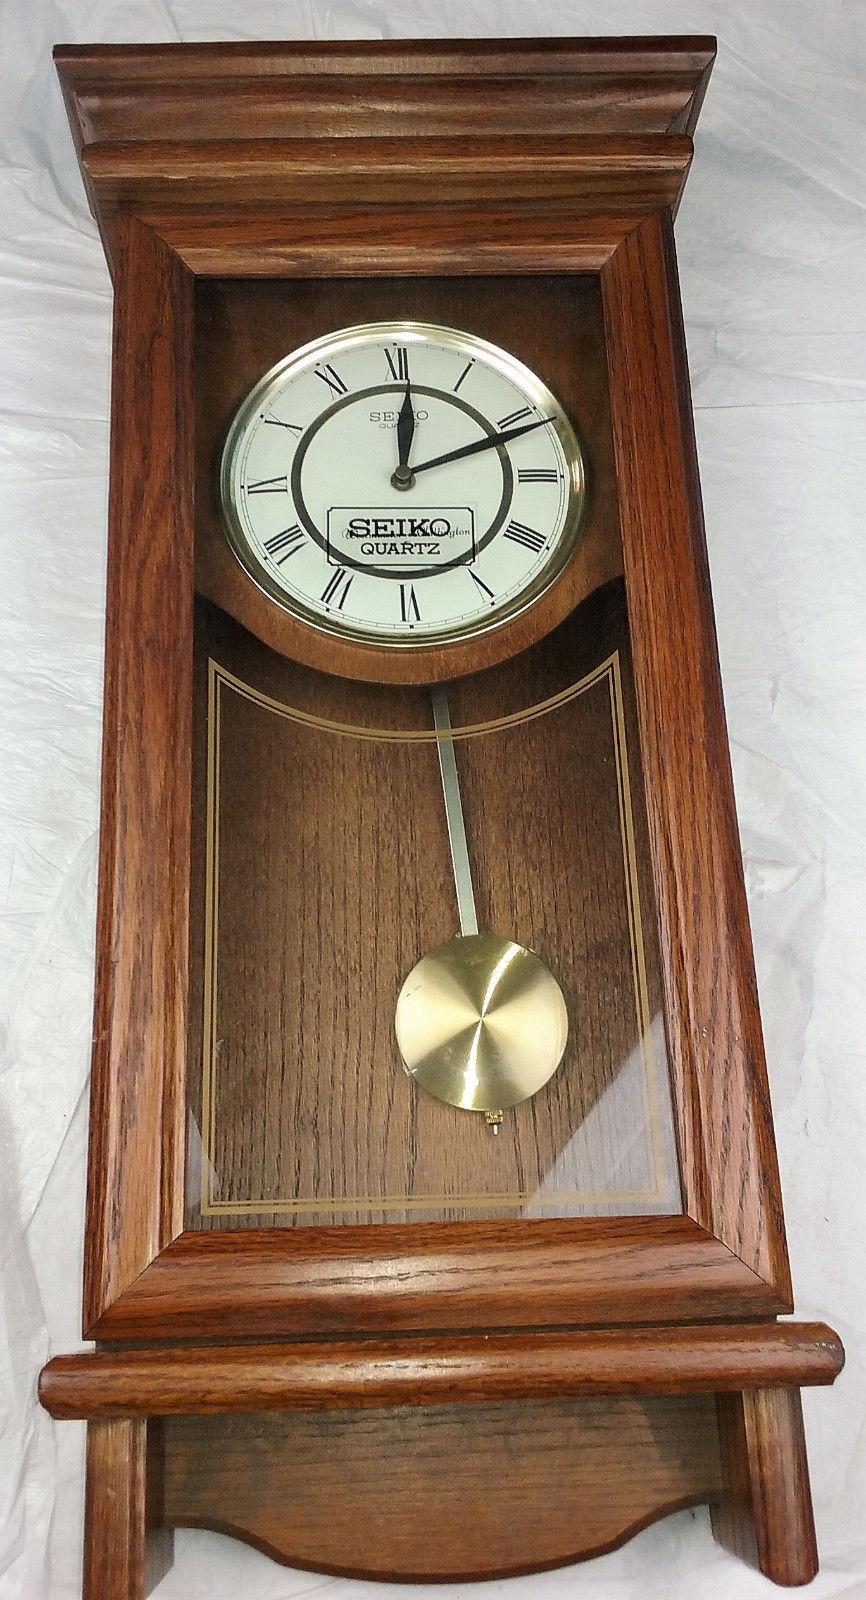 Seiko Quartz Wooden Wall Pendulum Clock Qxh101bc